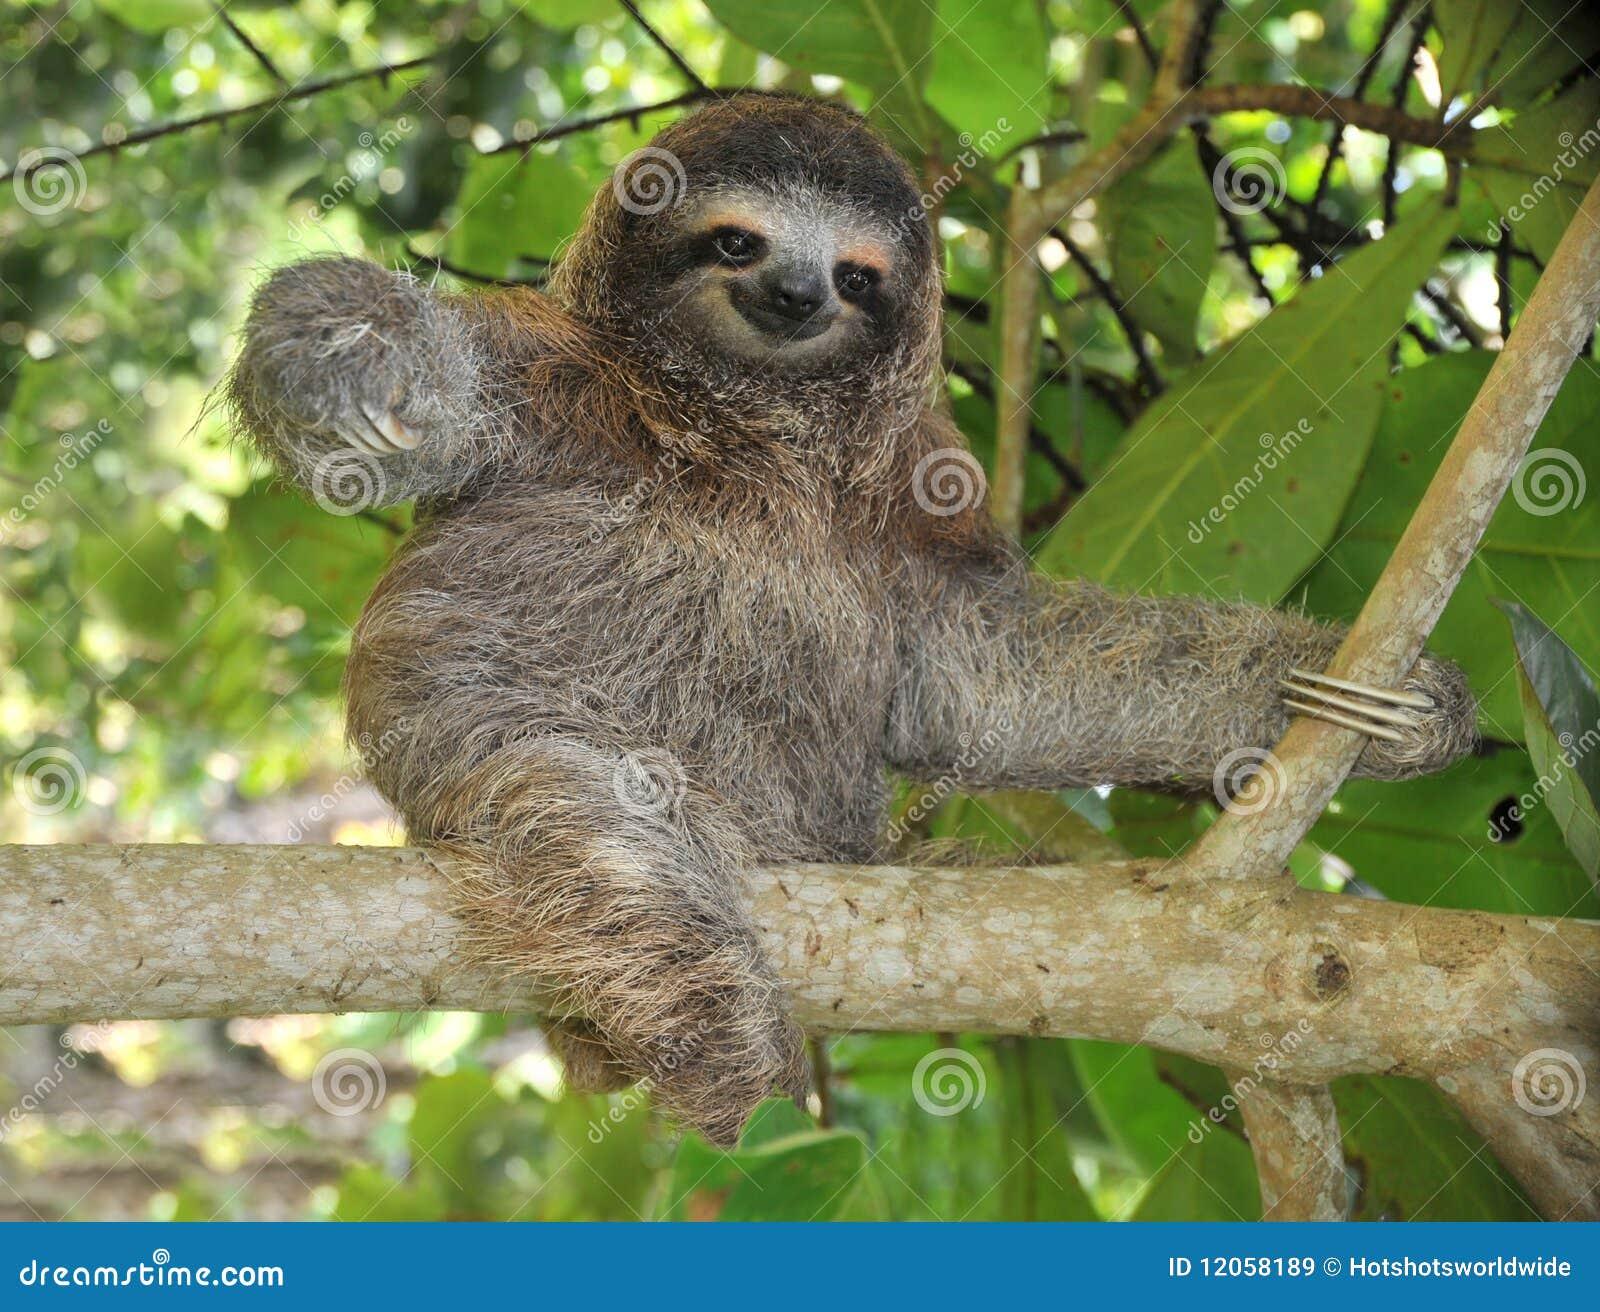 Três brincalhão toe a preguiça que senta-se na árvore, Costa-Rica